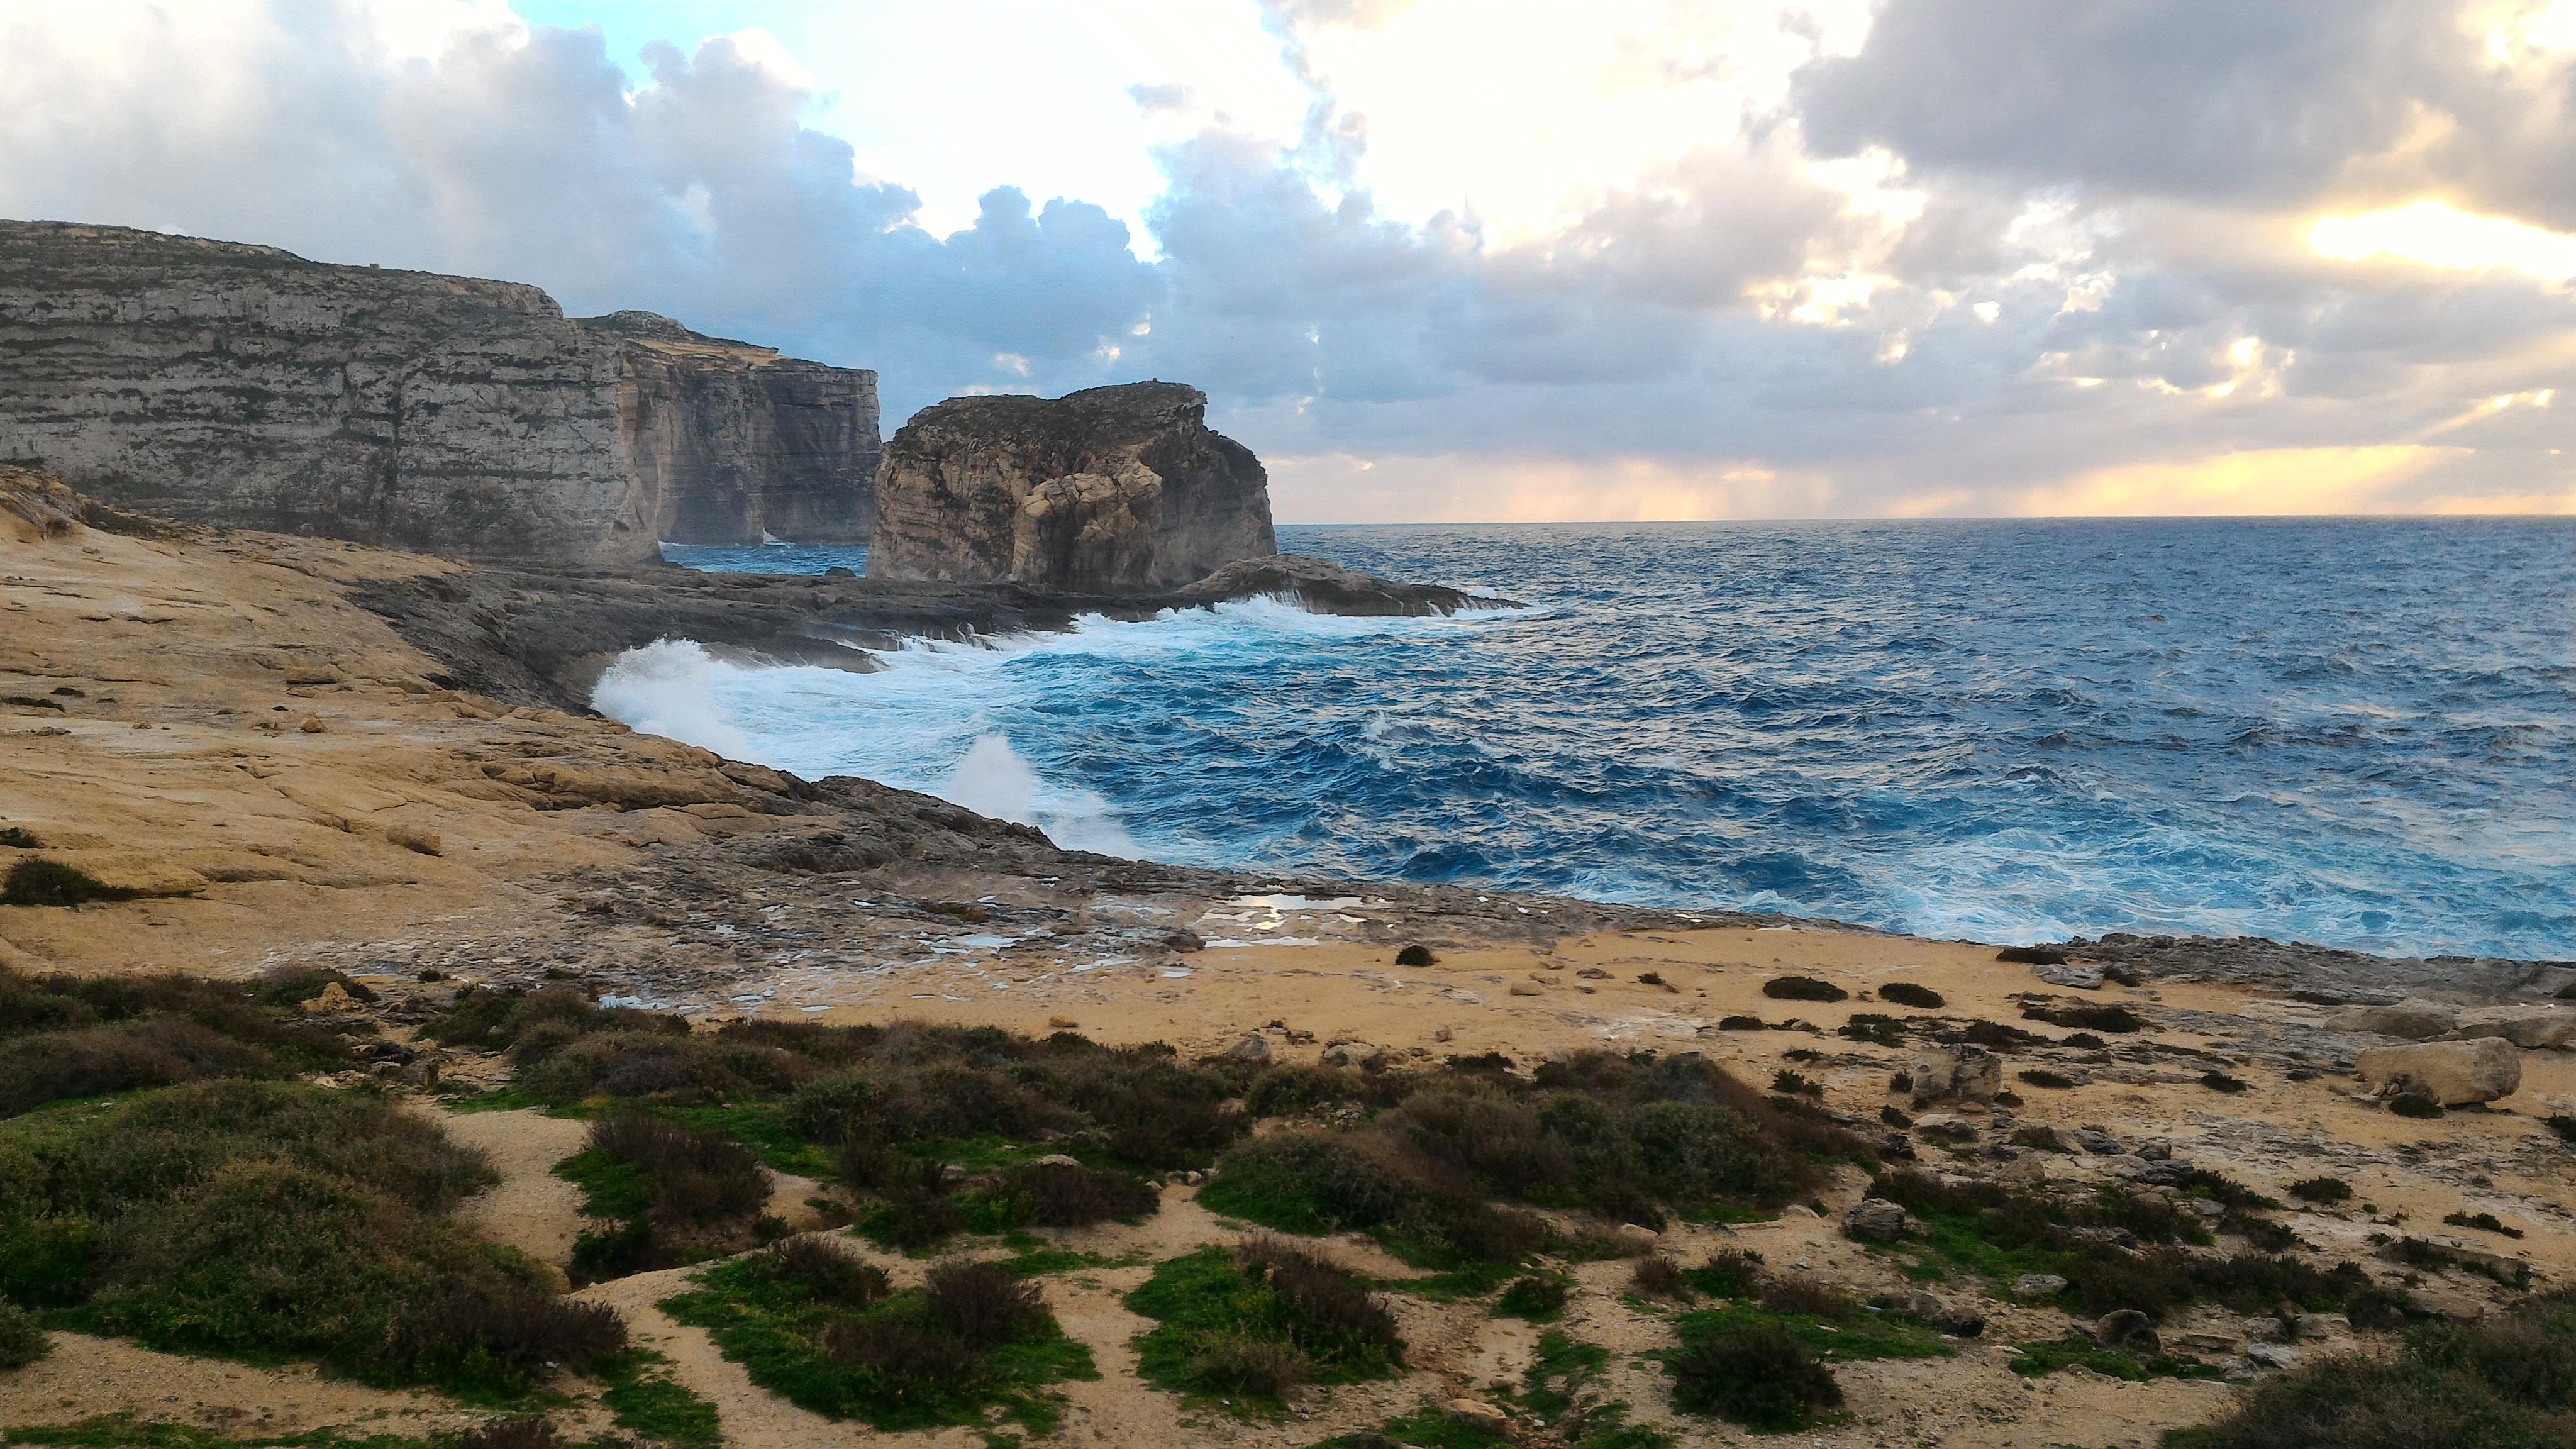 Malta e Gozo in inverno - Gozo, Azure Window area